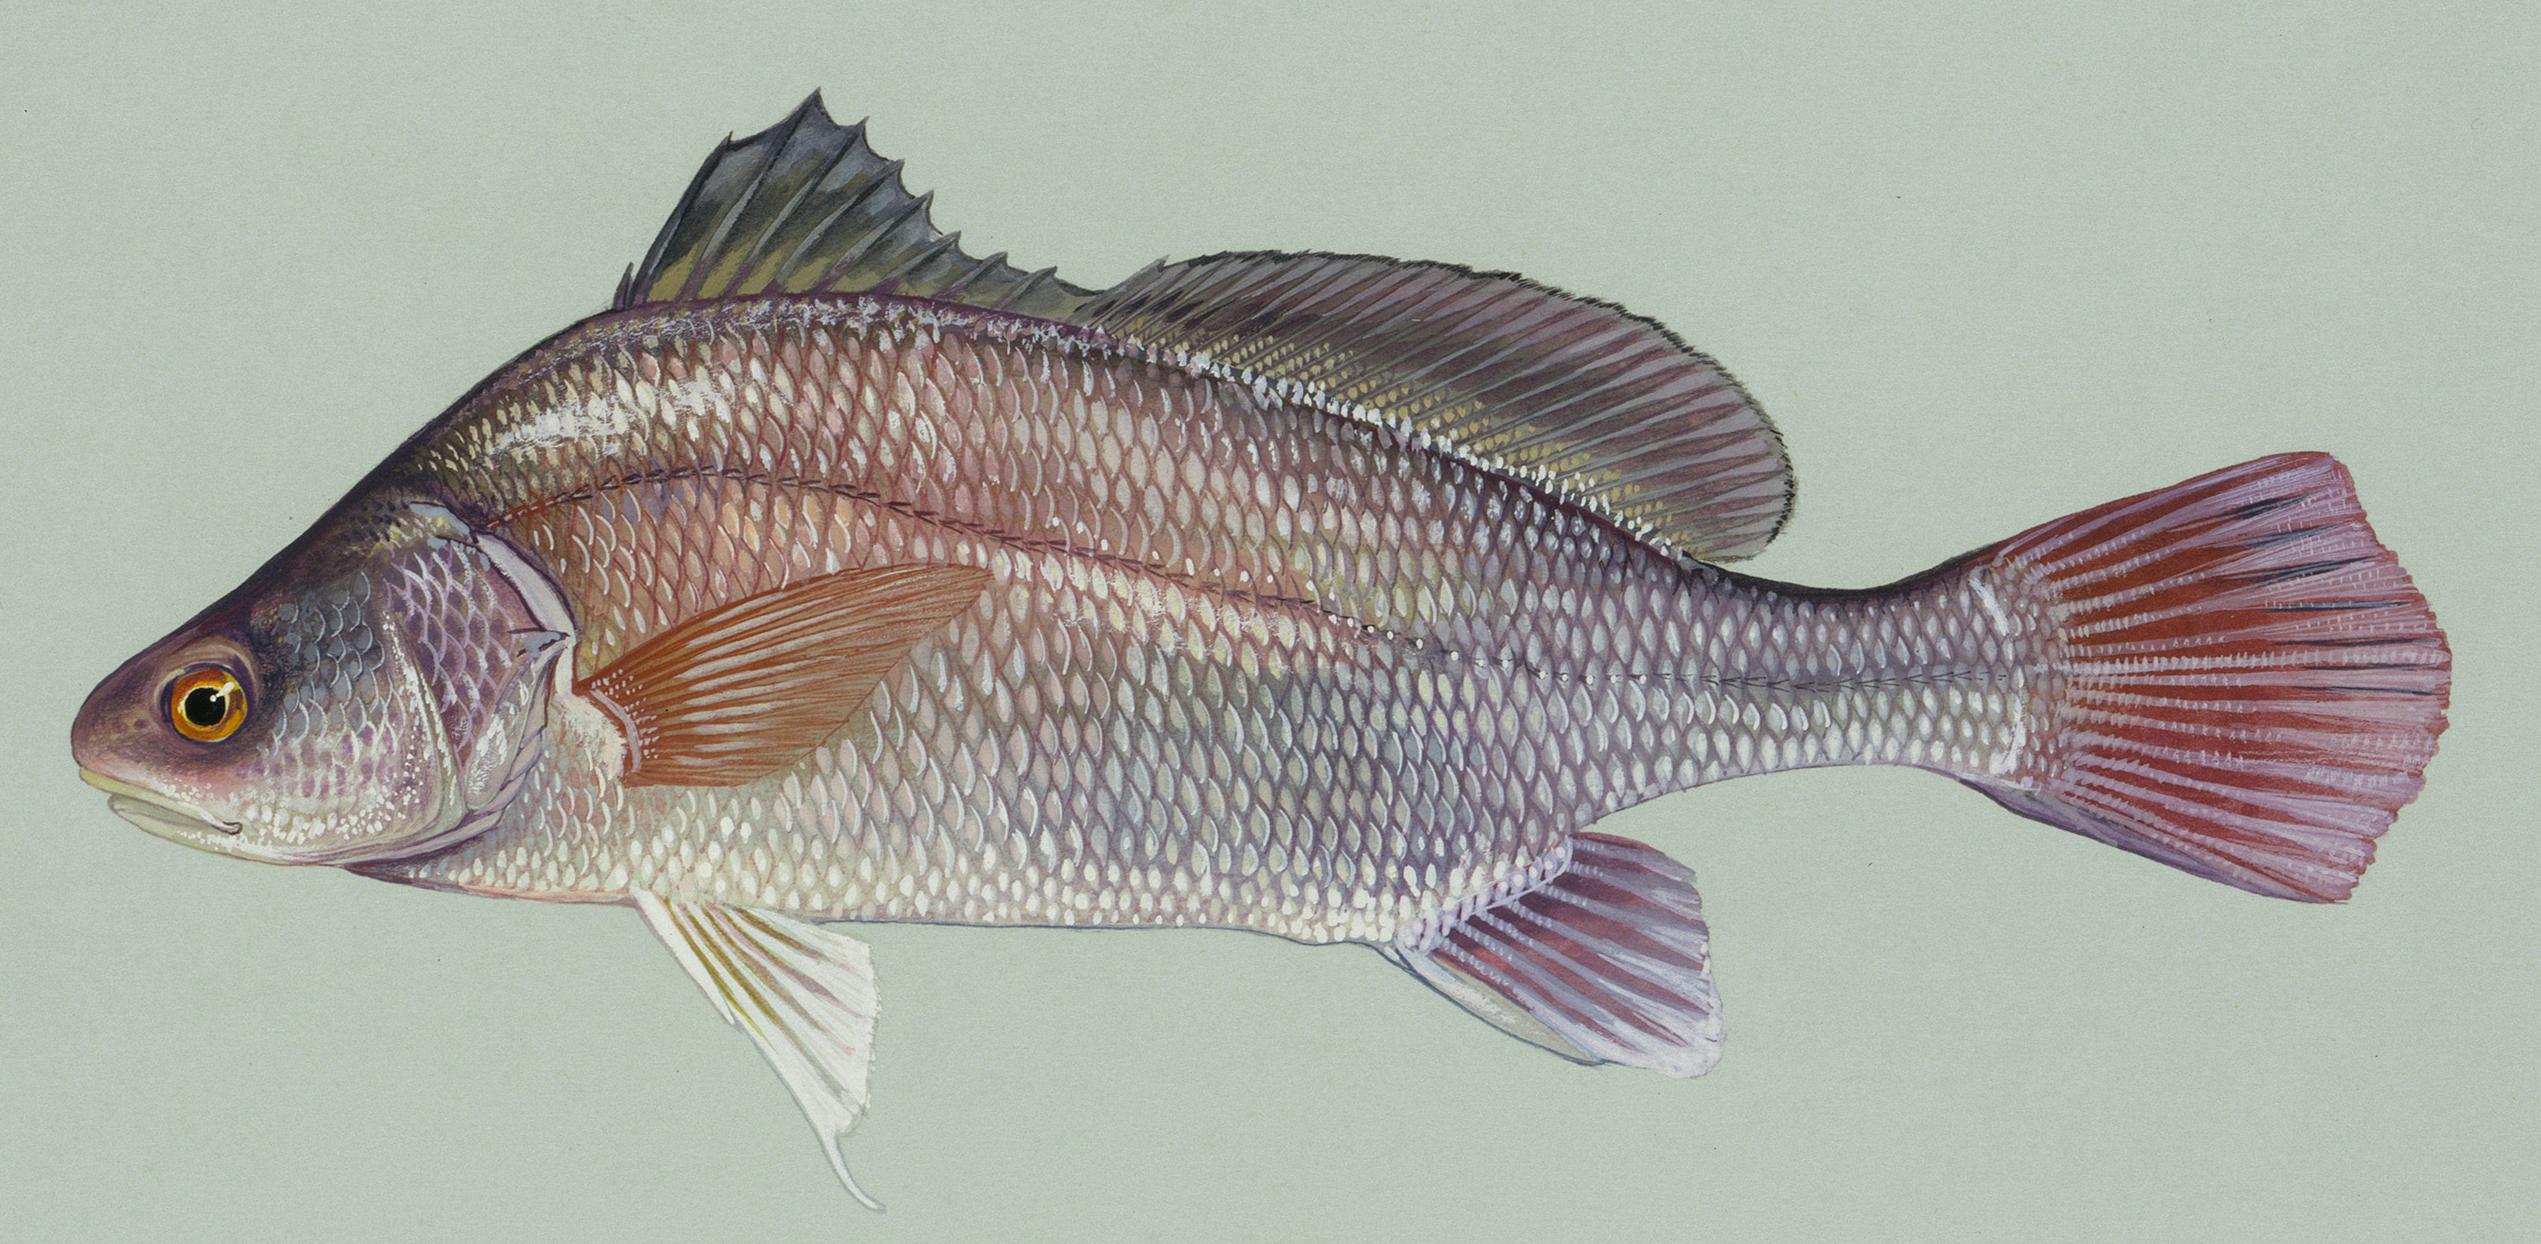 Freshwater drum - Wikipedia